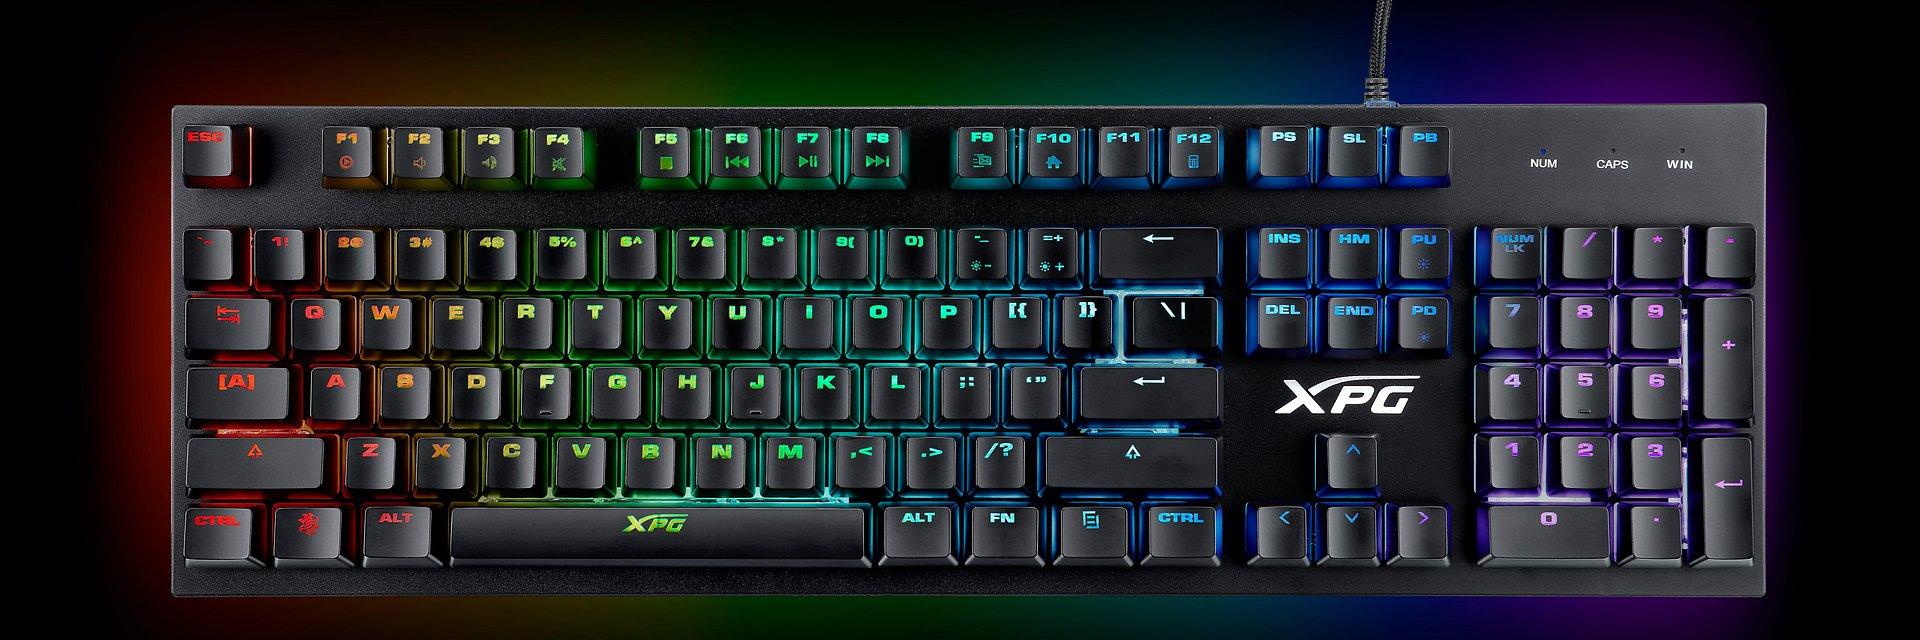 Nowy sprzęt dla graczy od ADATA z serii XPG - klawiatura INFAREX K10 oraz mysz INFAREX M20